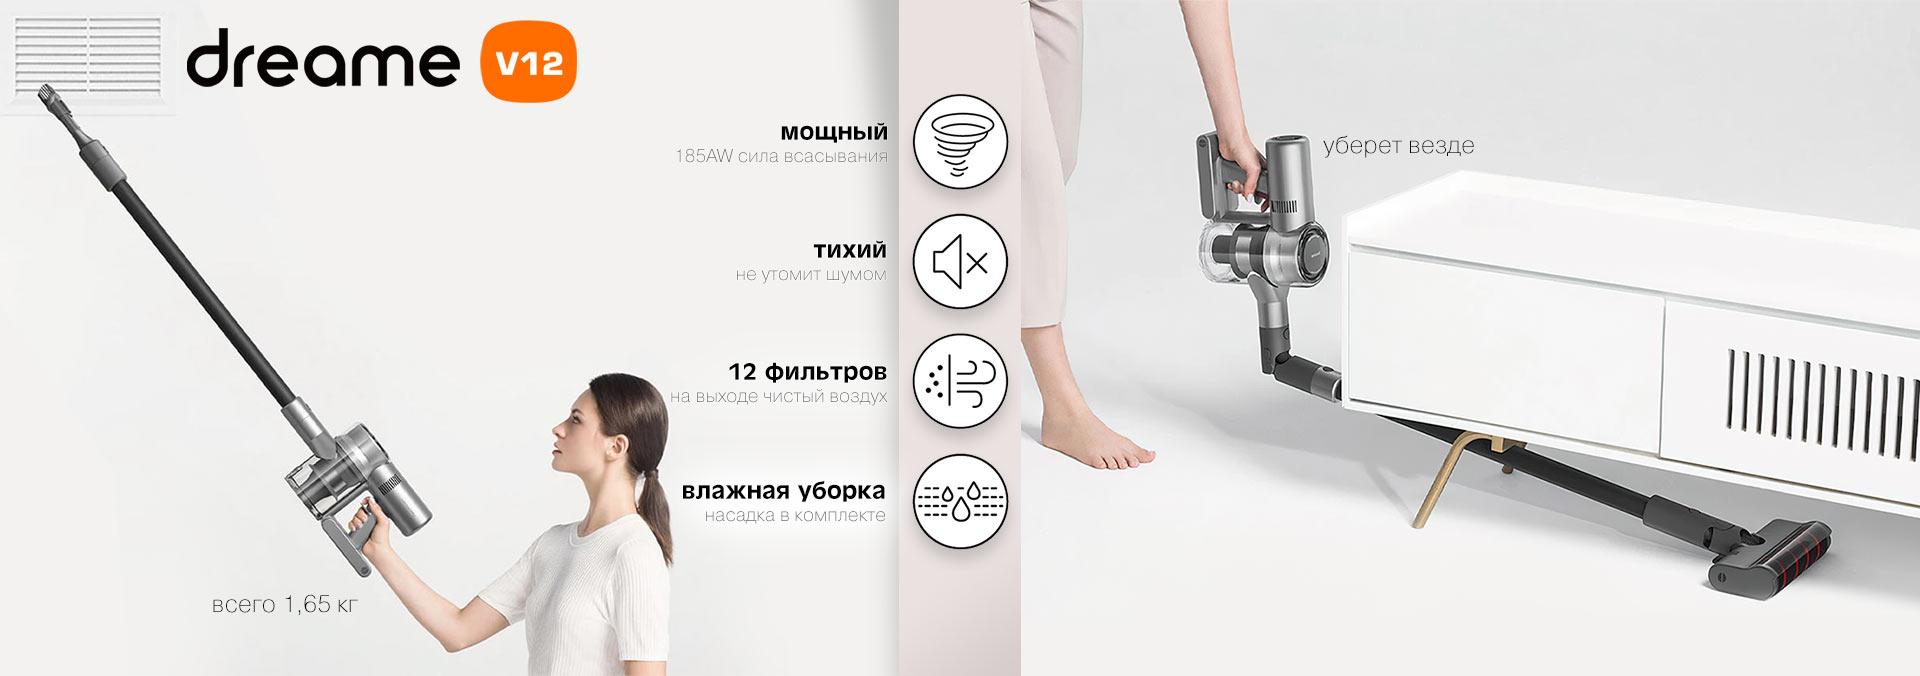 Пылесос Xiaomi Dreame V12 купить в СПб